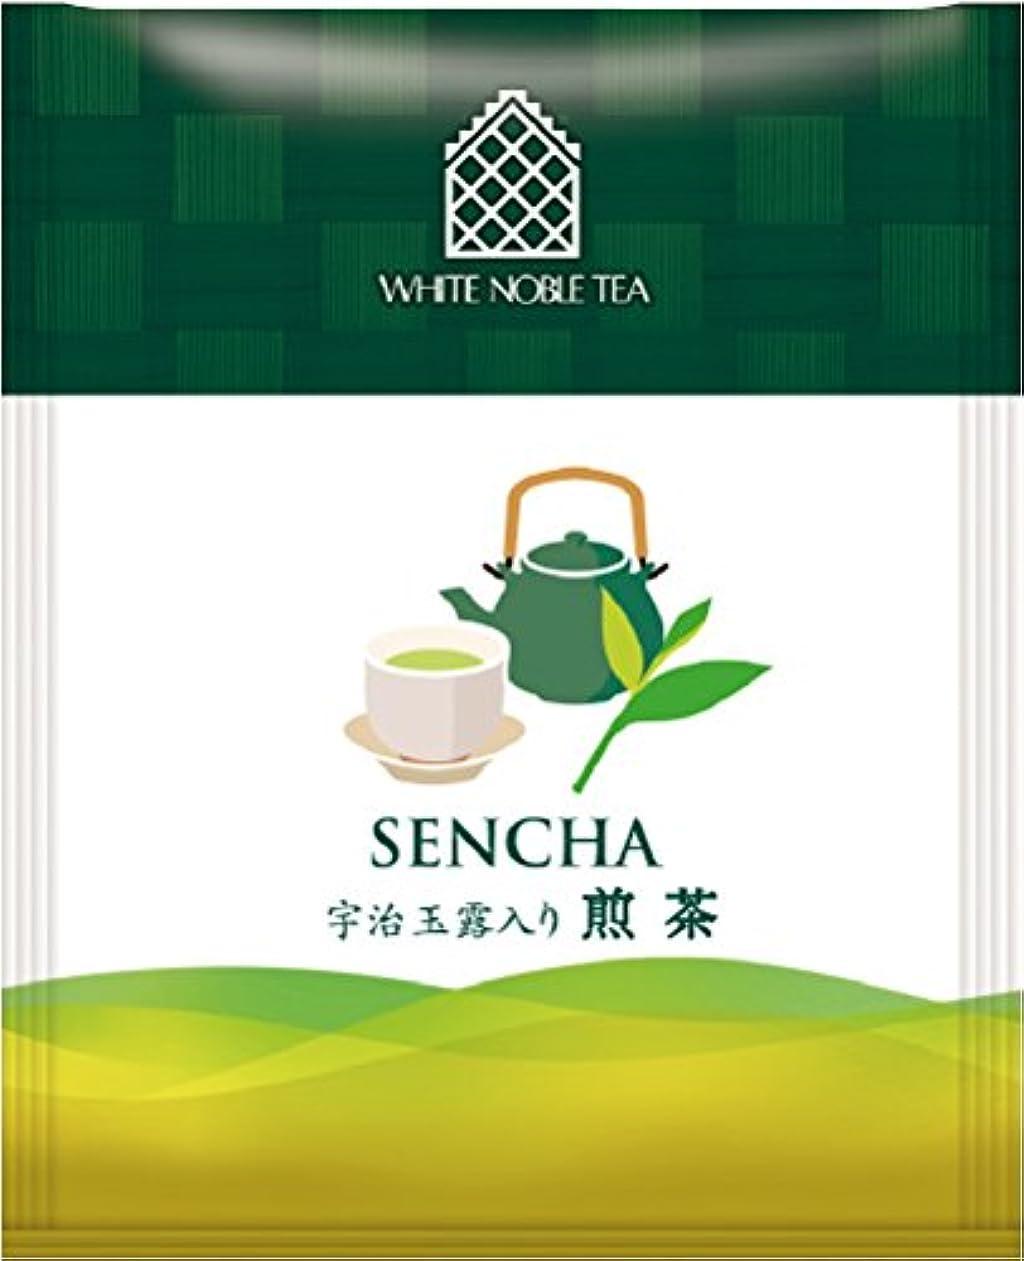 断言する著者受け皿三井農林 ホワイトノーブル紅茶 ( アルミ?ティーバッグ ) 宇治玉露入り煎茶 2.0g×50個